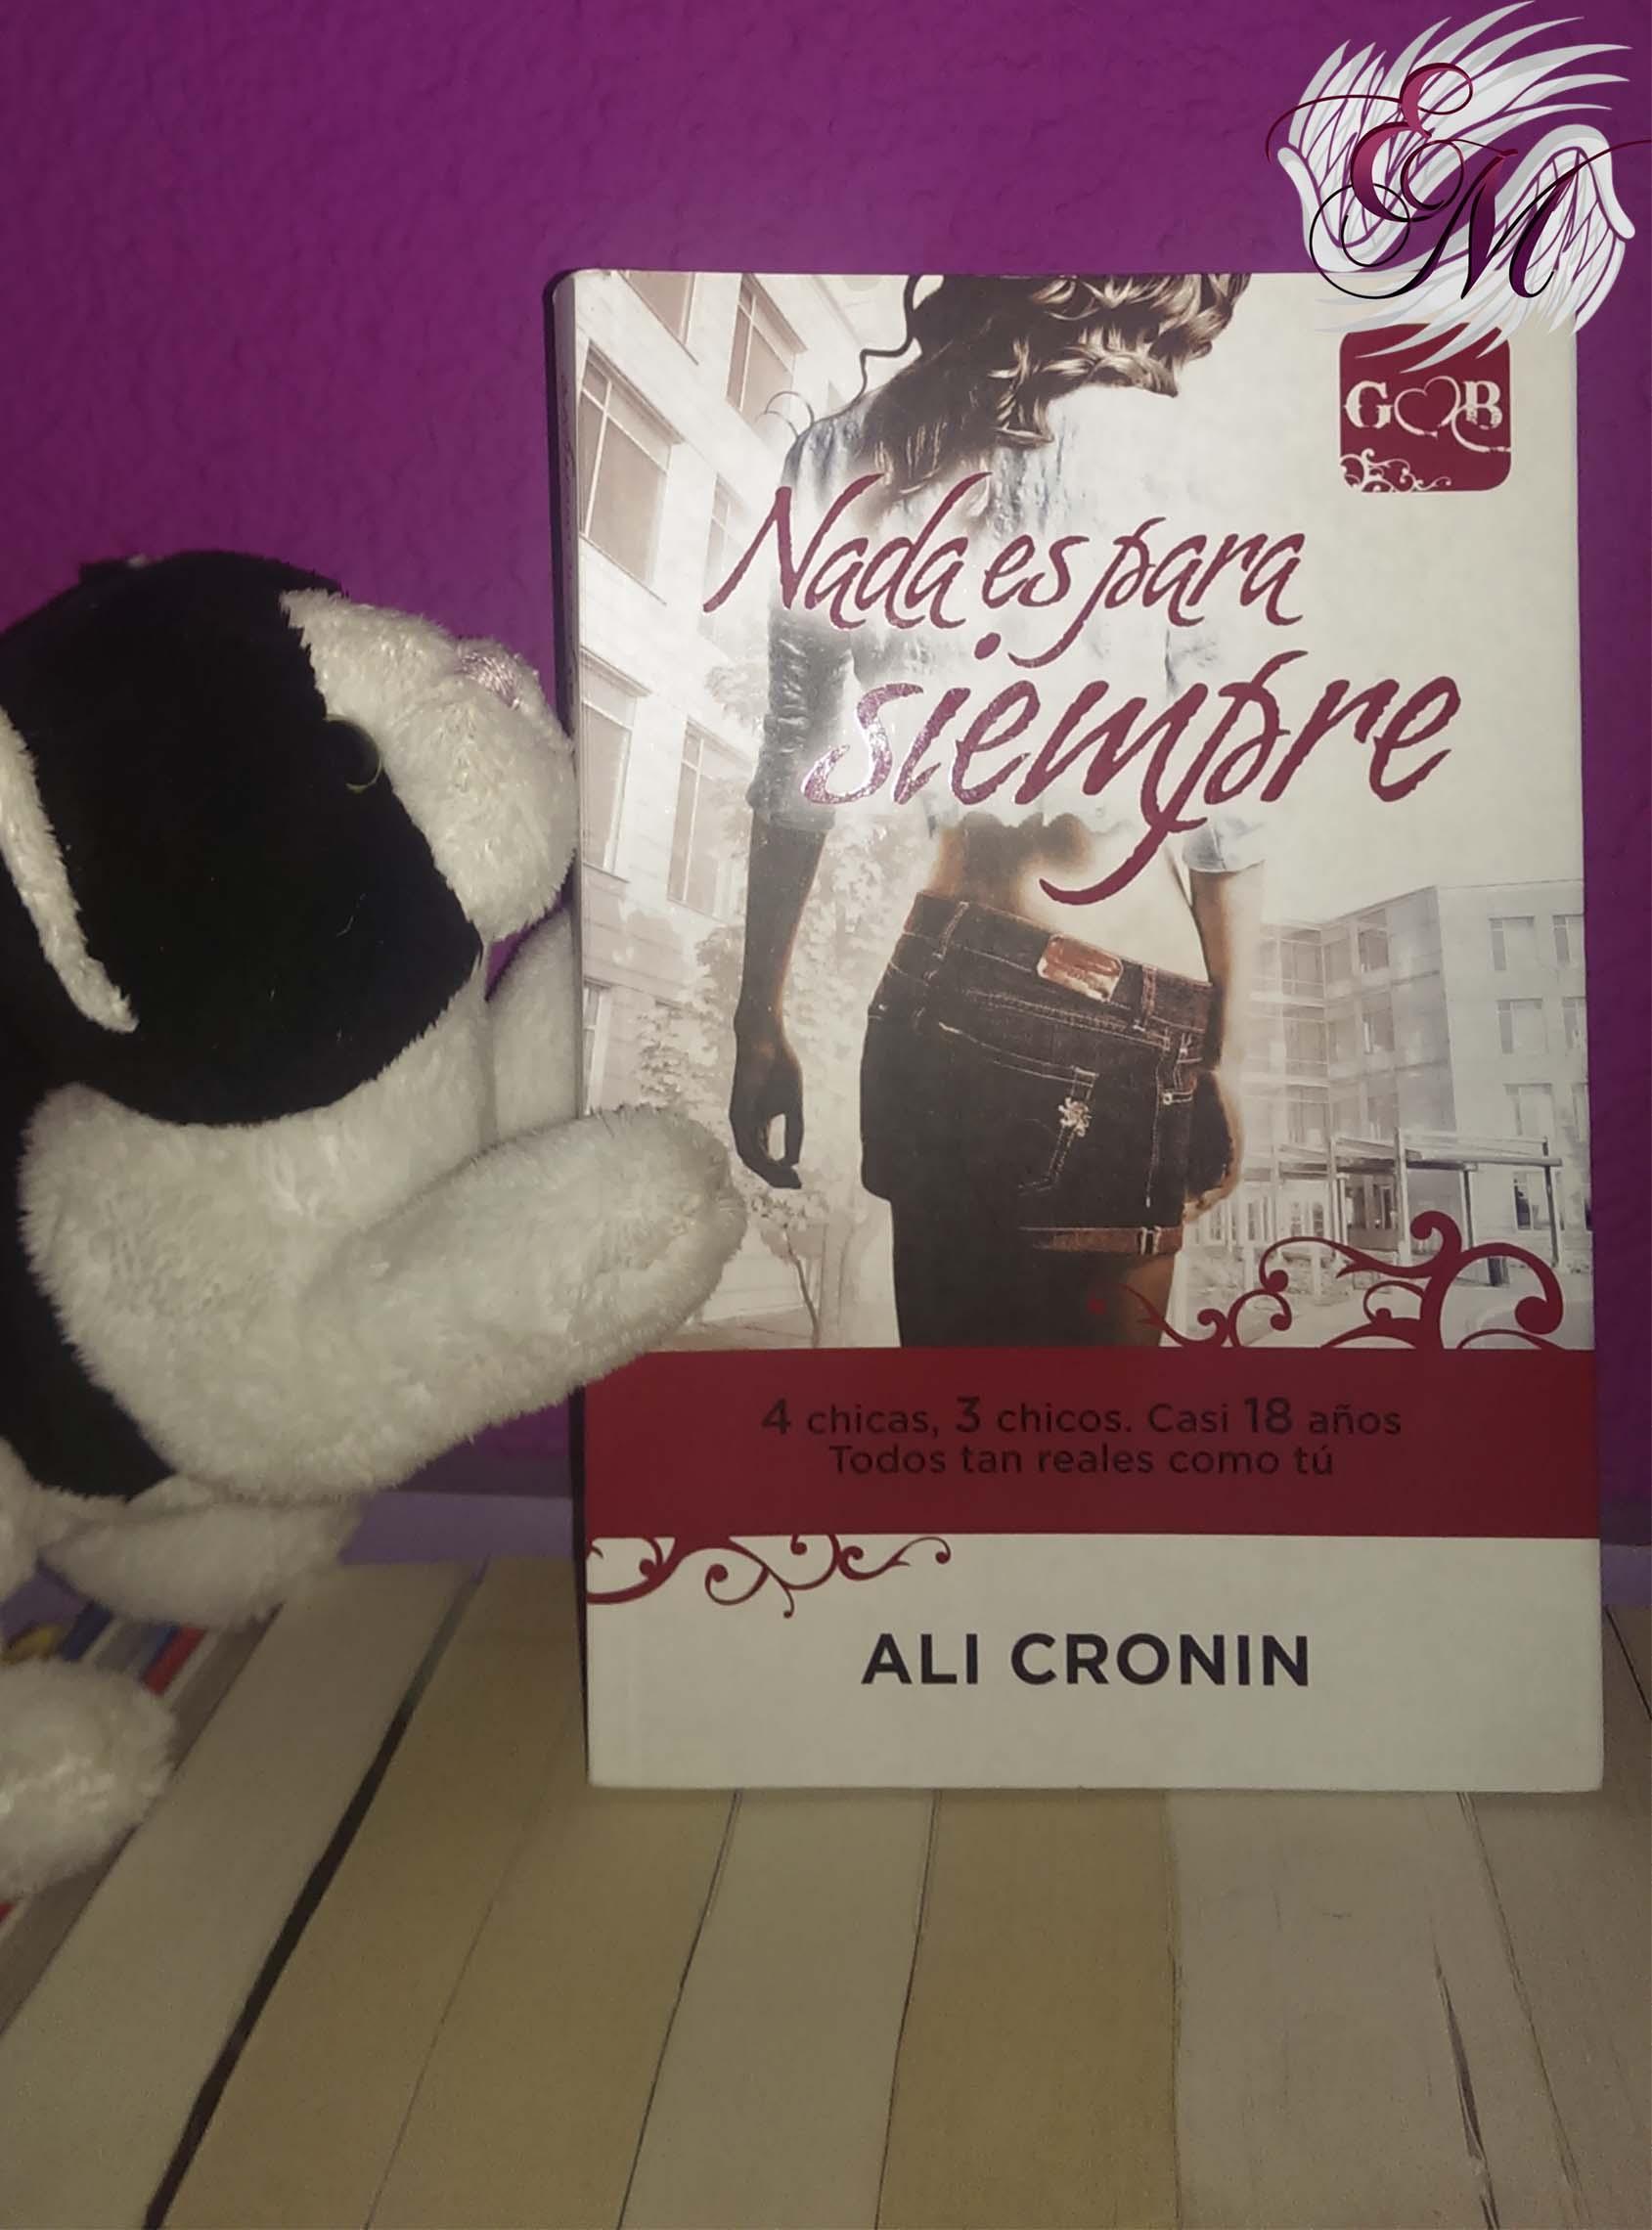 Nada es para siempre, de Ali Cronin - Reseña